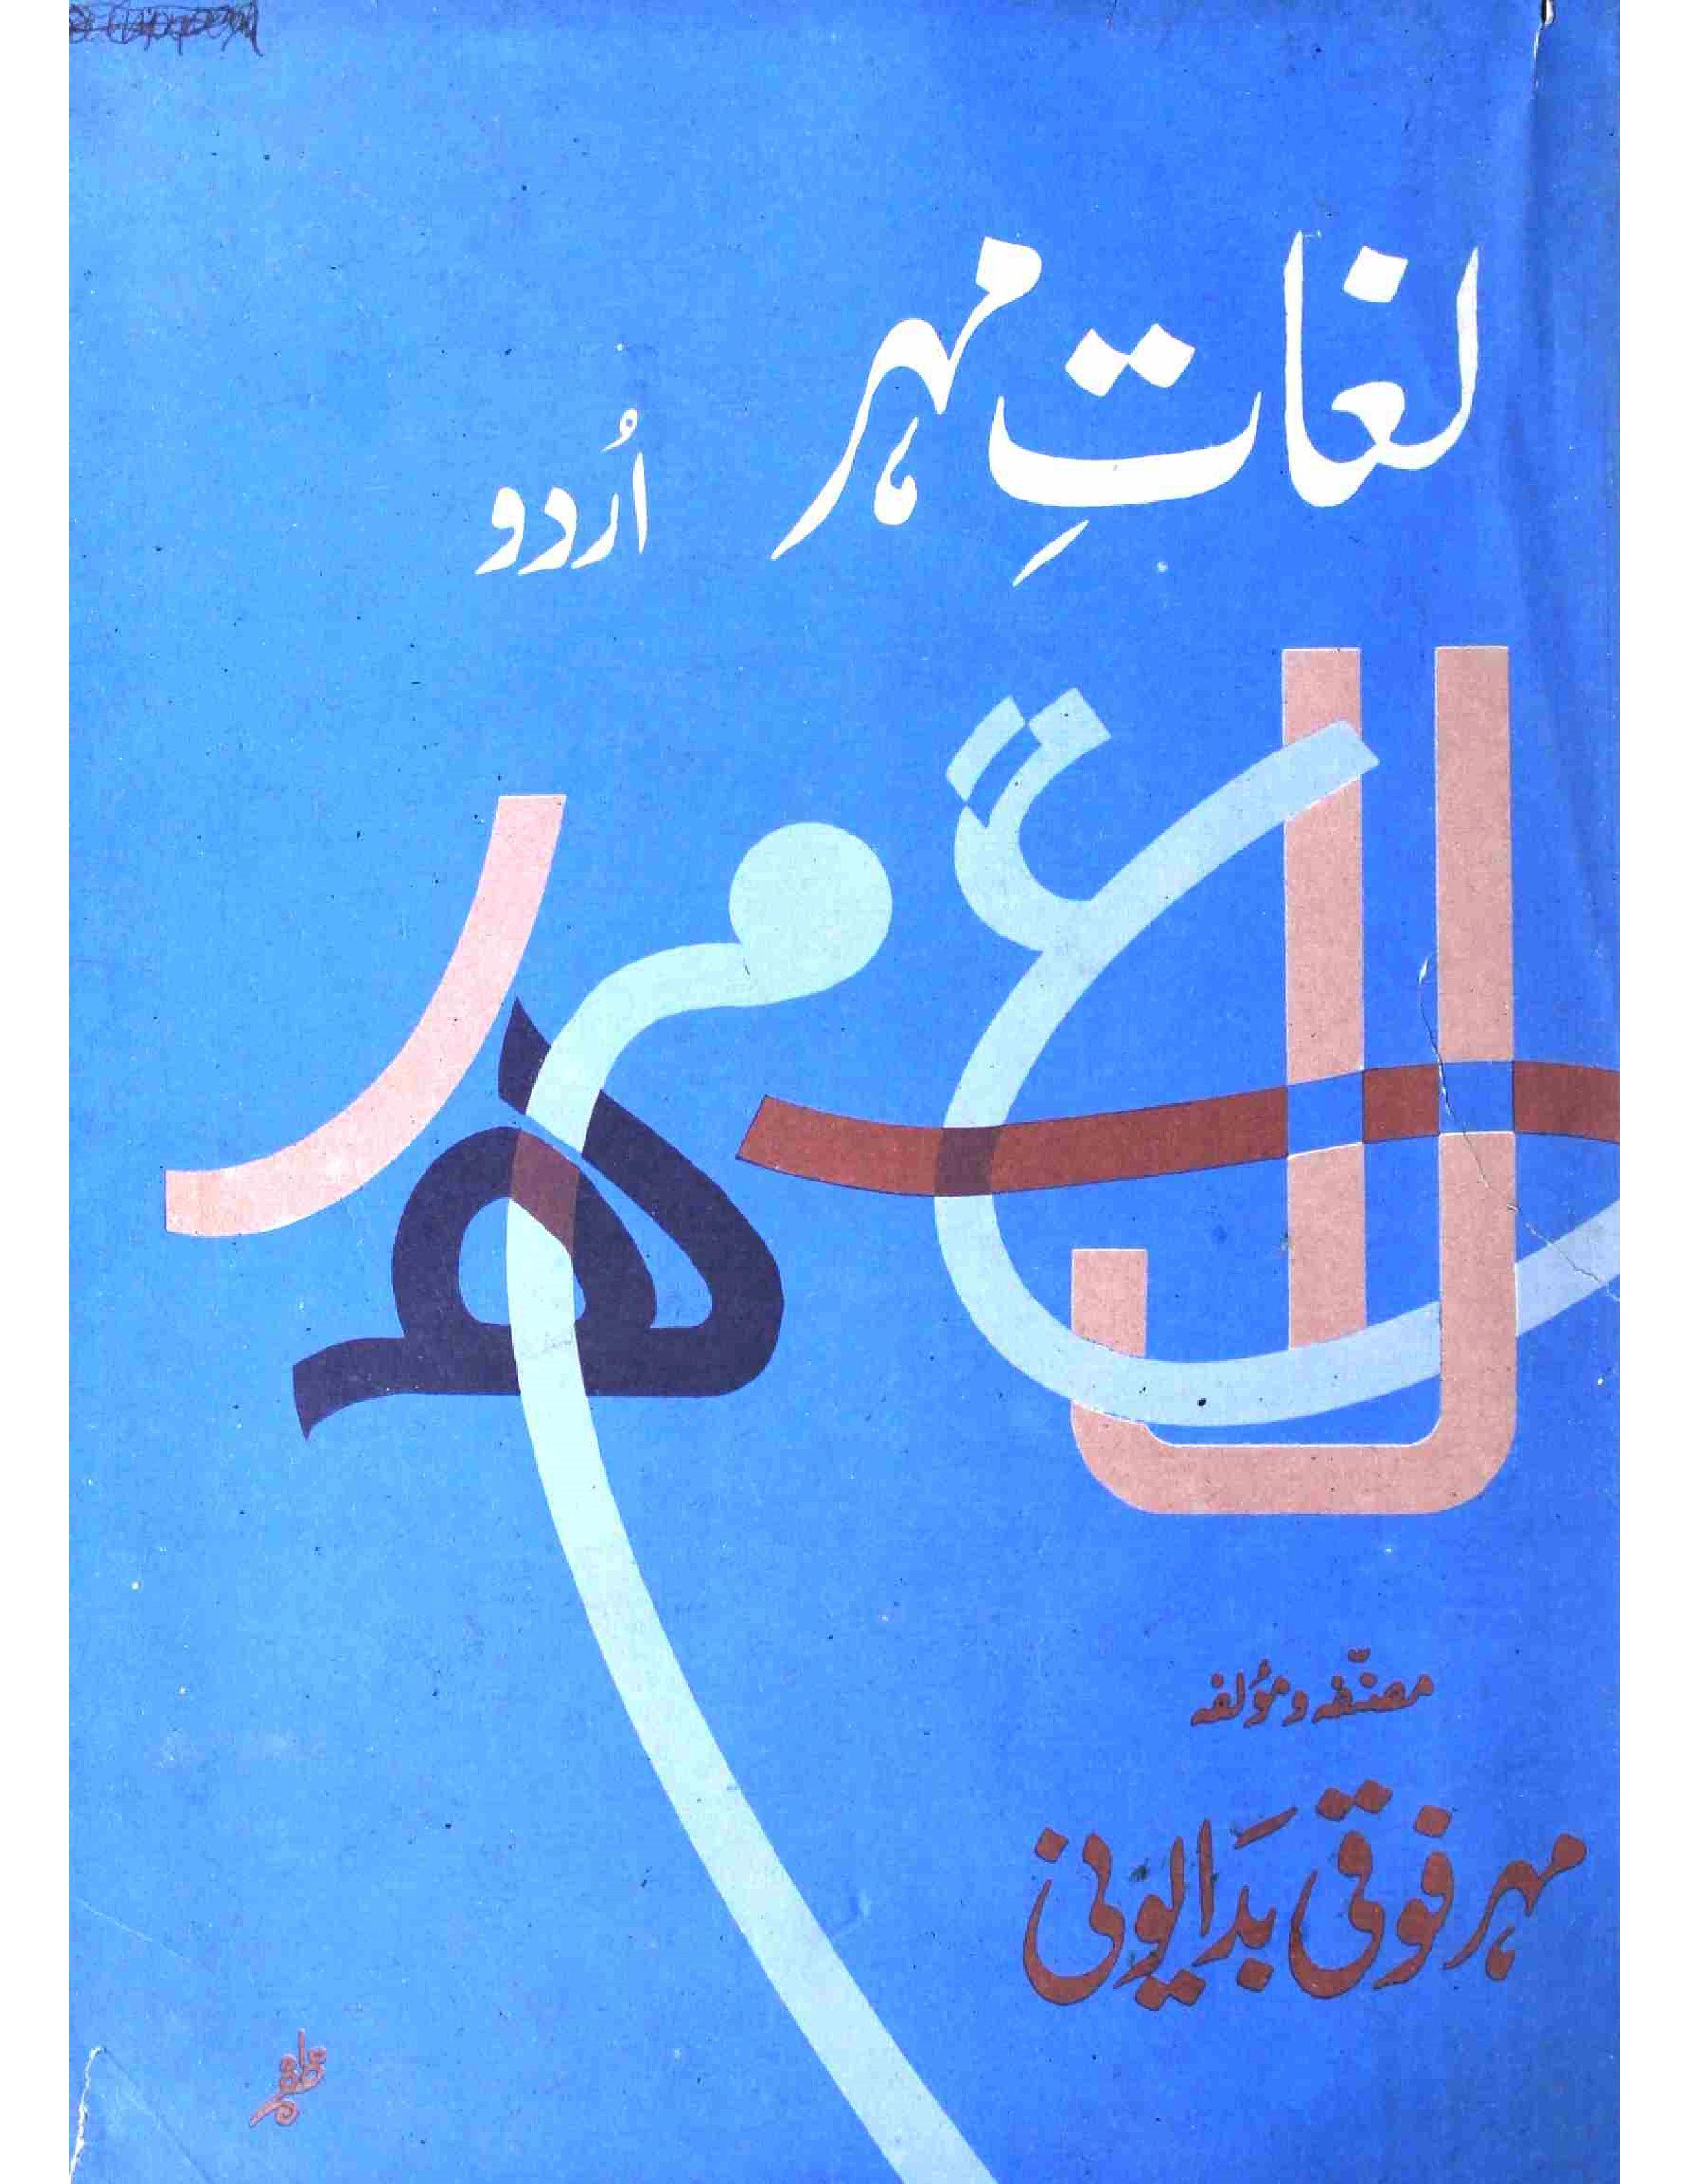 Lughat-e-Mehr